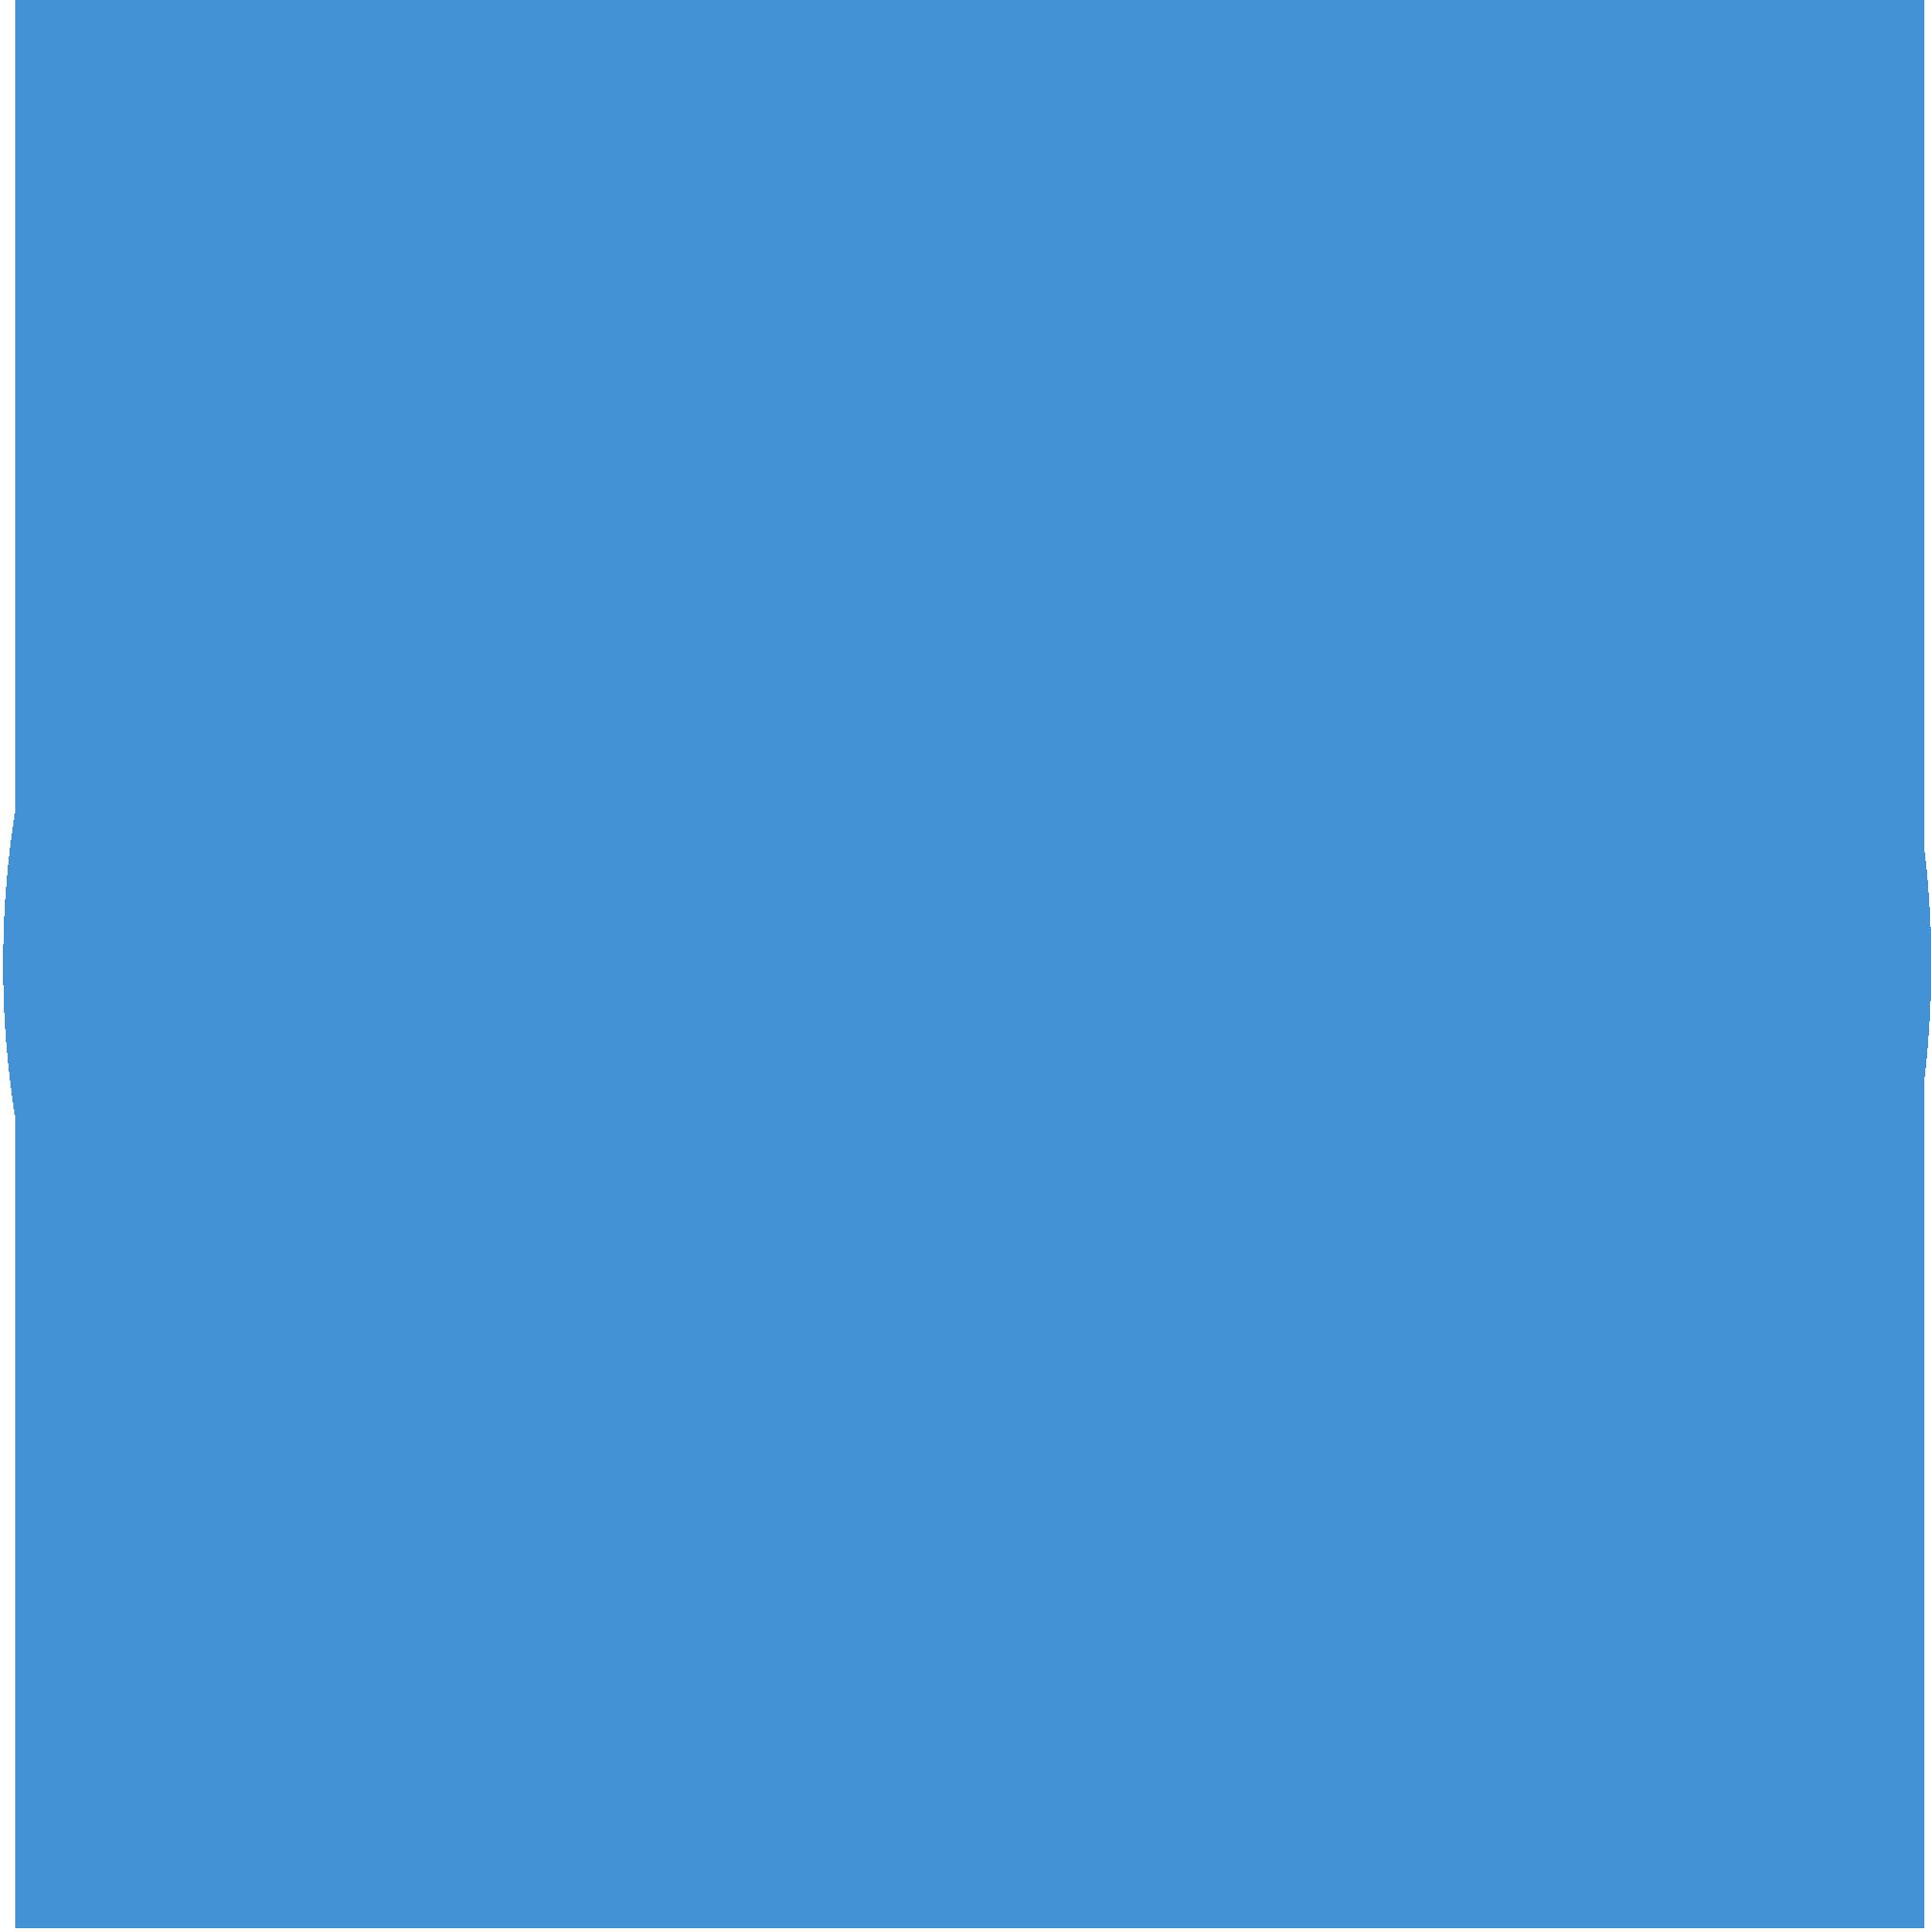 Facebook IIUMstudentunit